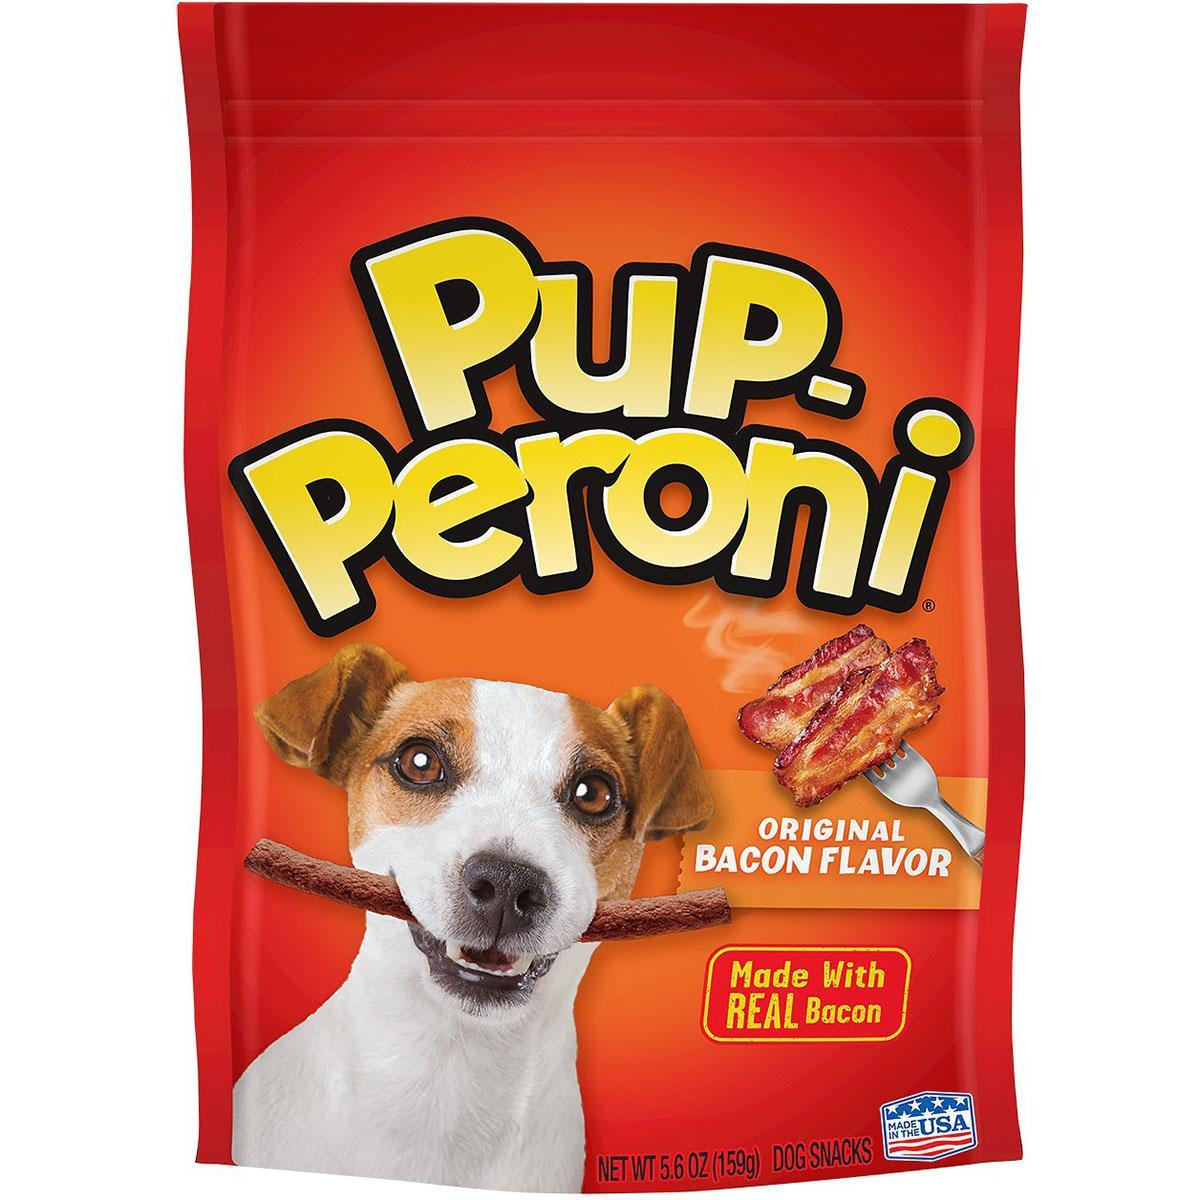 Pup-Peroni Original Bacon Flavor Dog Treats